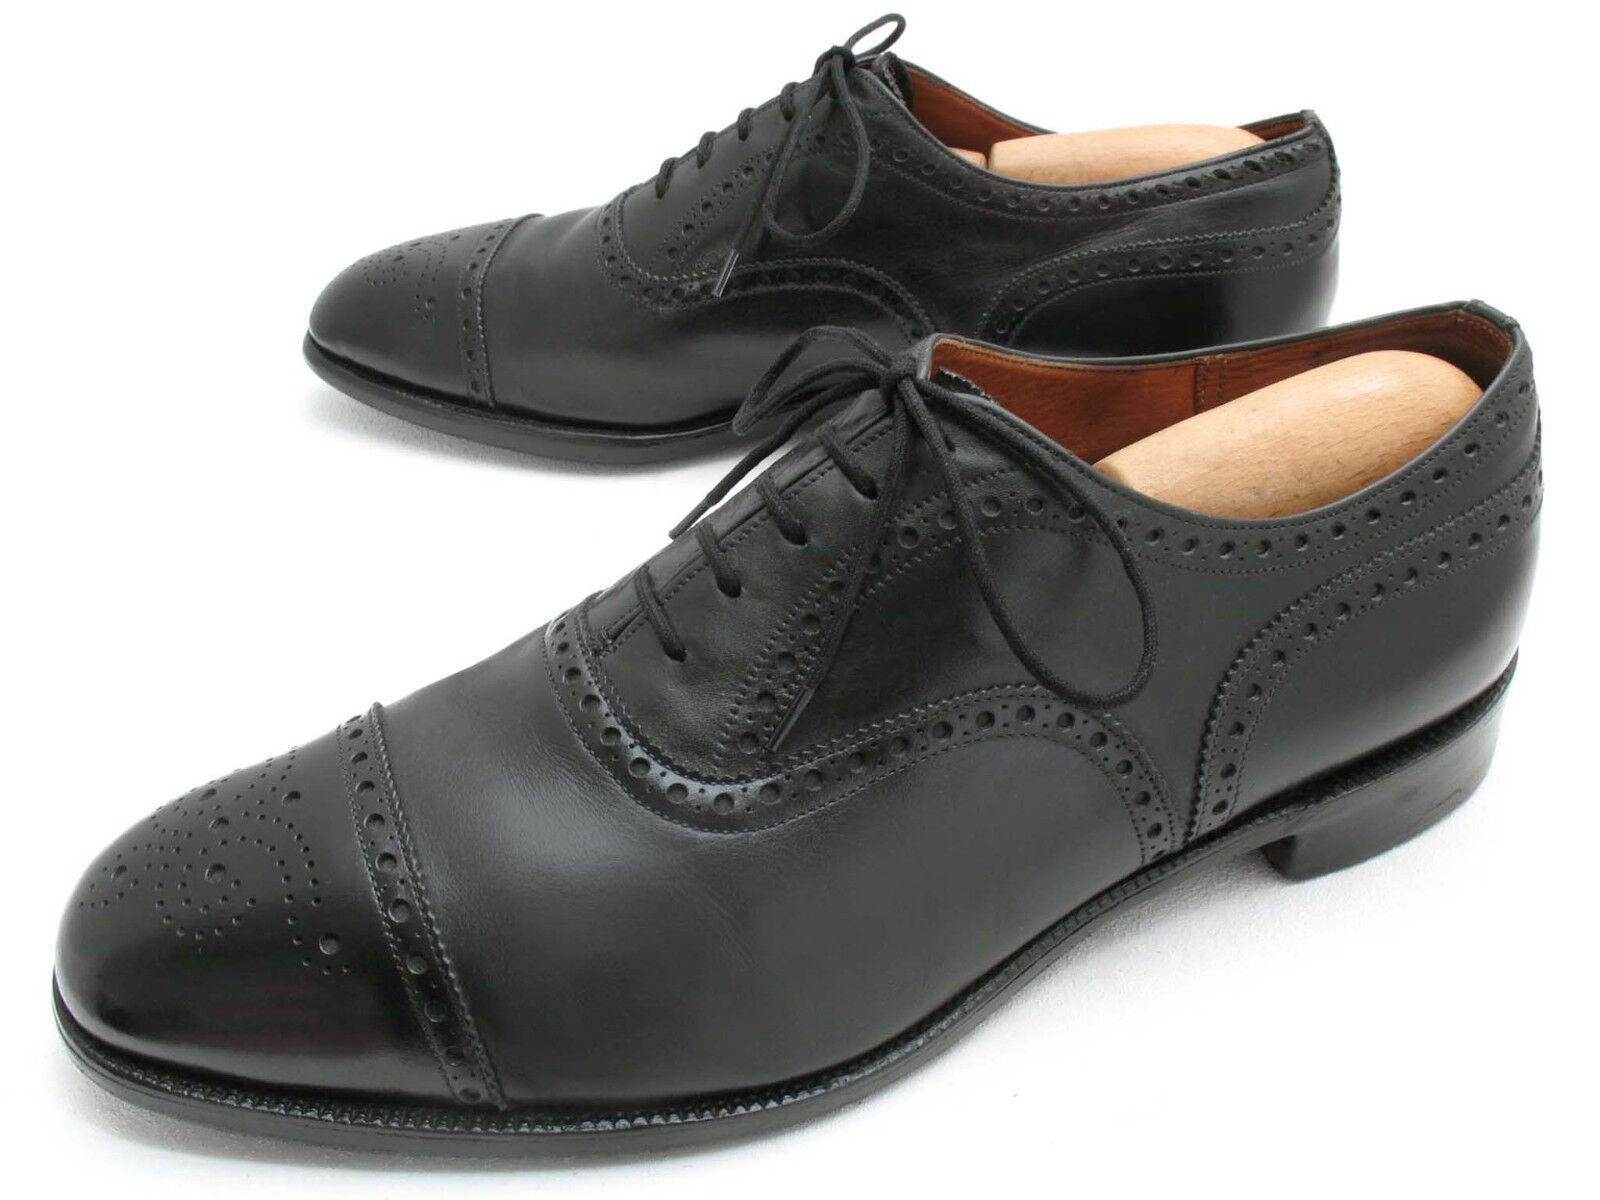 zapatos CHURCH'S DIPLOMAT - Talla 95F  (T.43,5) - BEG